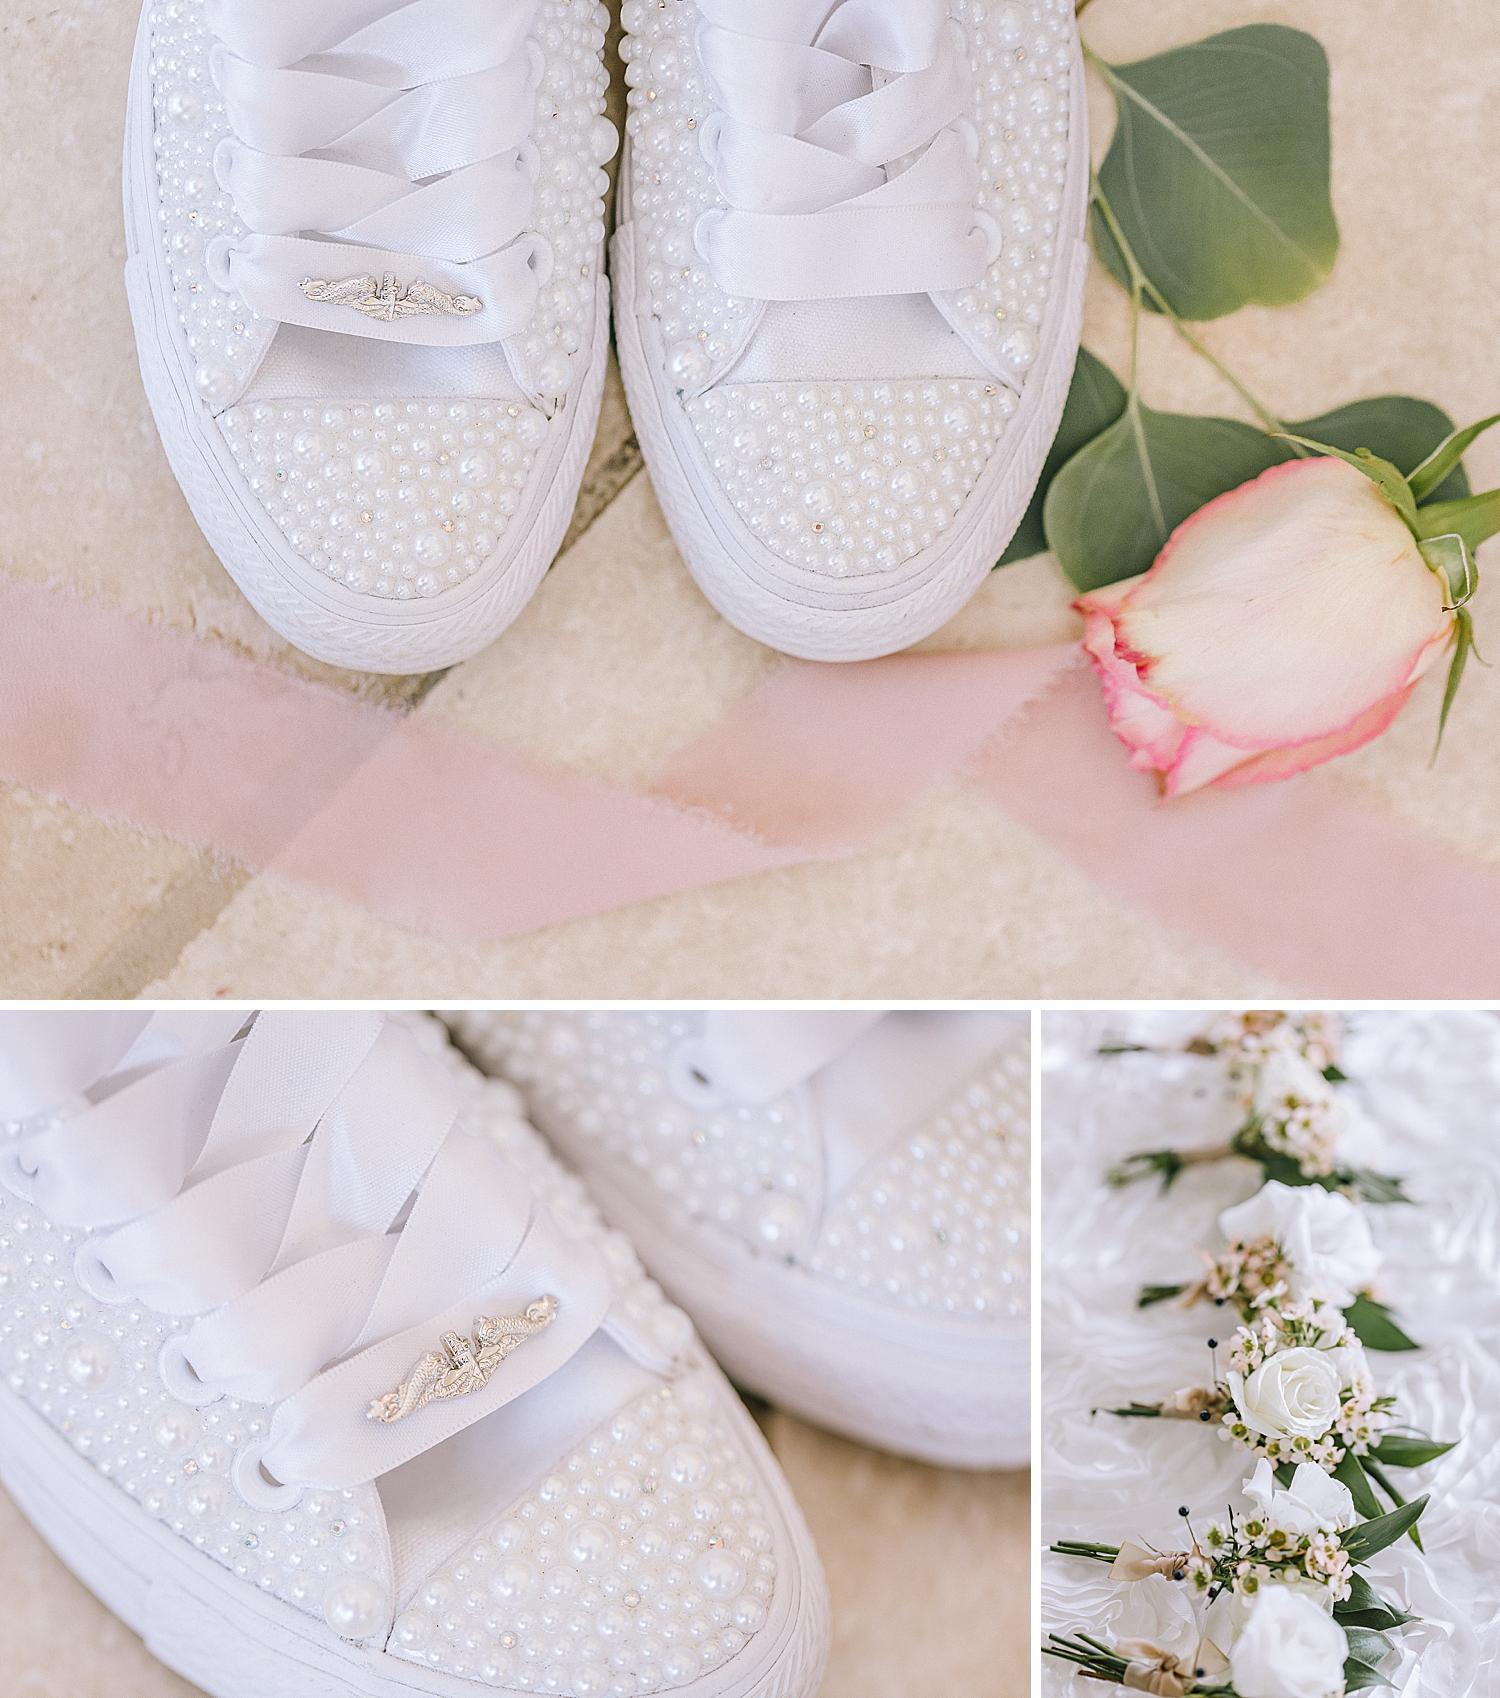 Carly-Barton-Photography-The-Villa-at-Cielo-Vista-Blush-Gold-White-Wedding-Photos_0101.jpg